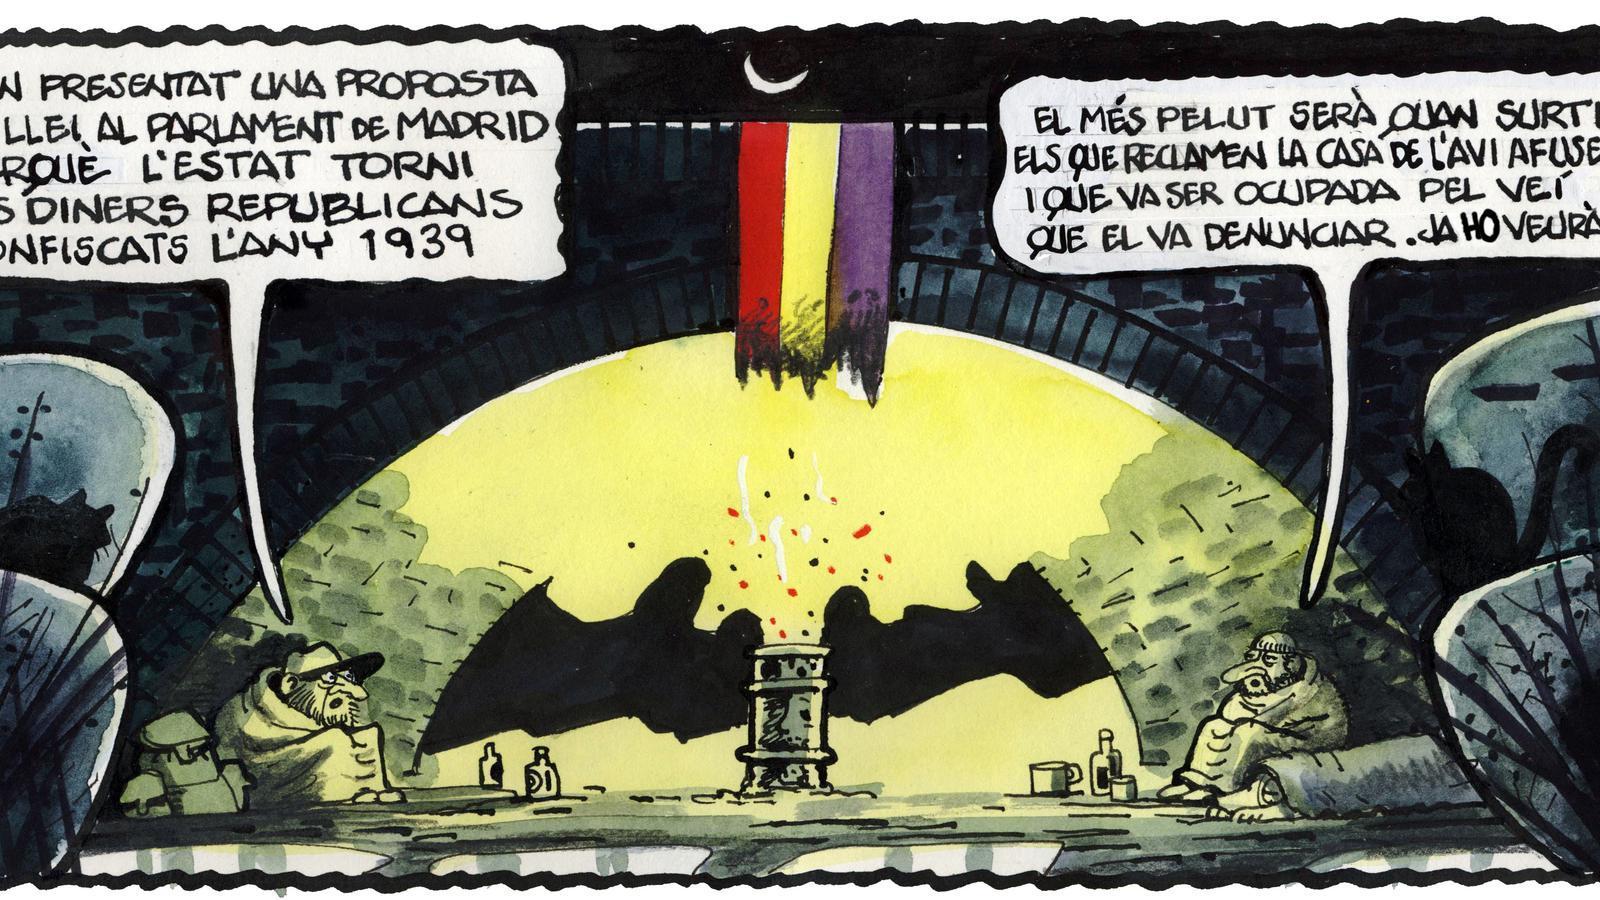 'A la contra', per Ferreres 20/10/2020